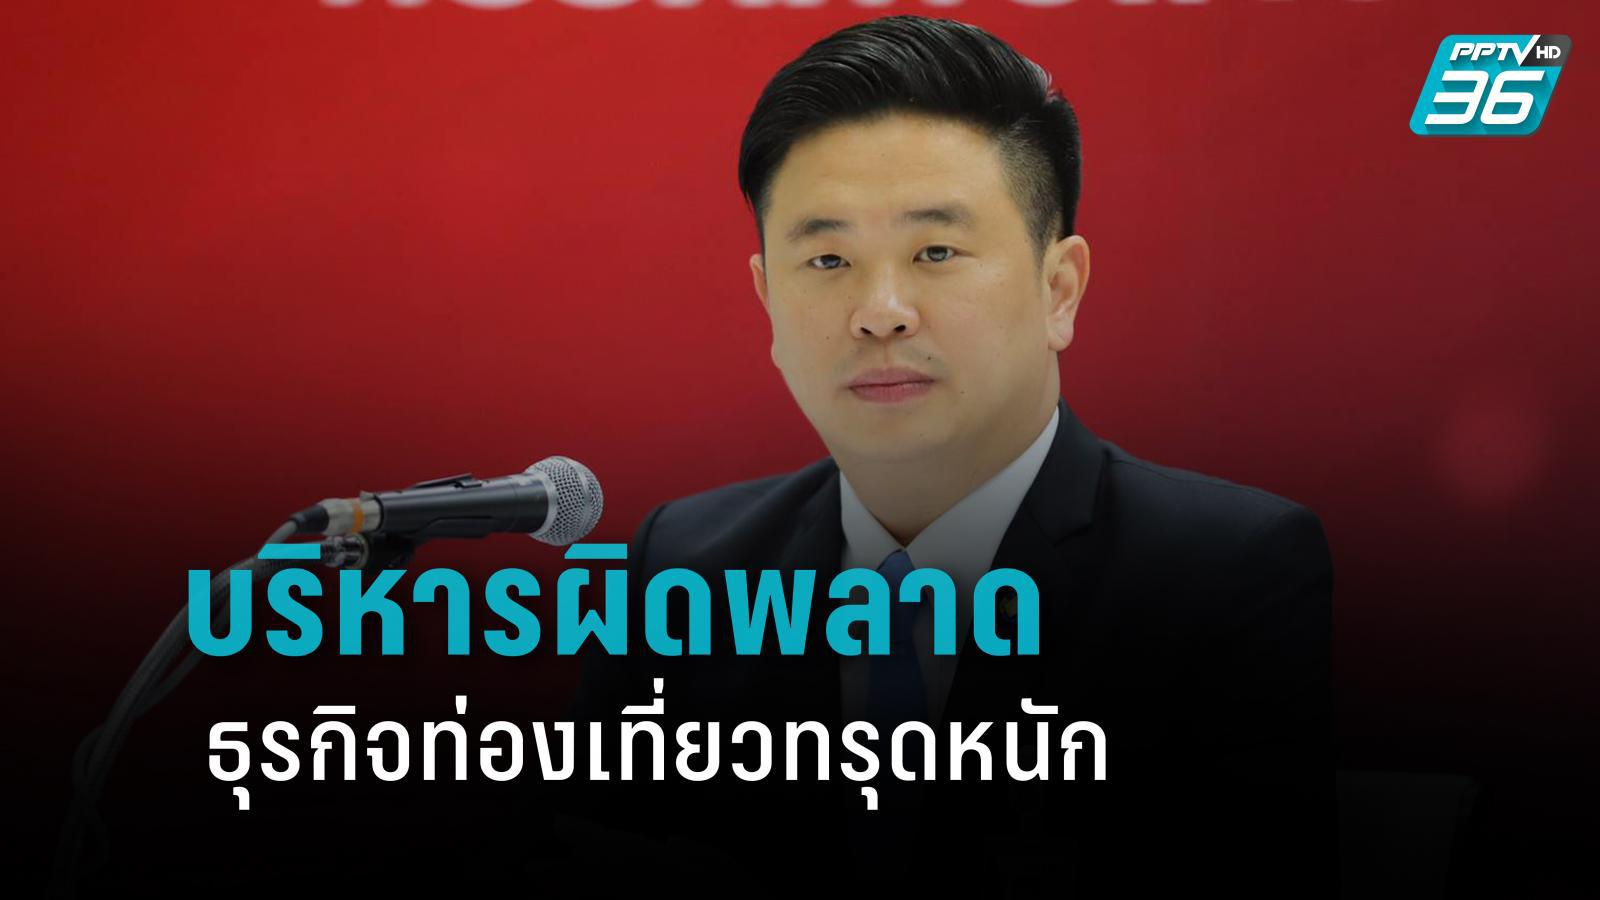 """""""เพื่อไทย"""" ซัด """"บิ๊กตู่"""" จัดการโควิดผิดพลาด ทำธุรกิจท่องเที่ยวทรุดหนัก"""